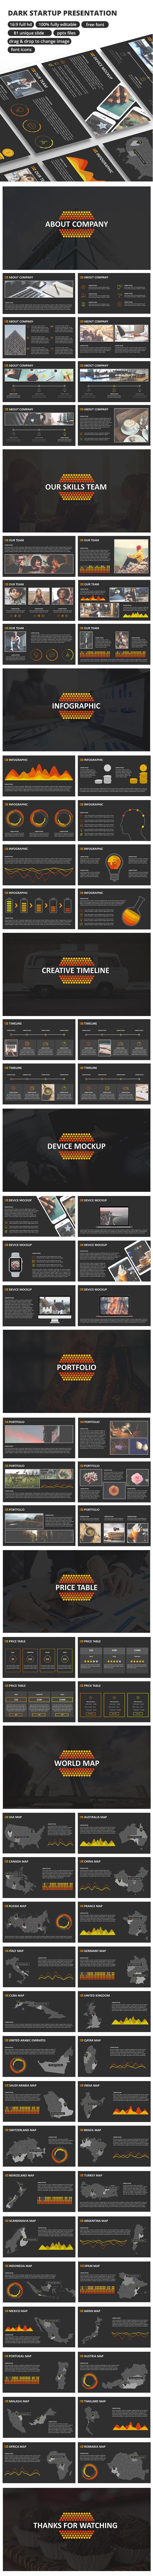 Dark StartUp - PowerPoint Presentation - Business PowerPoint Templates